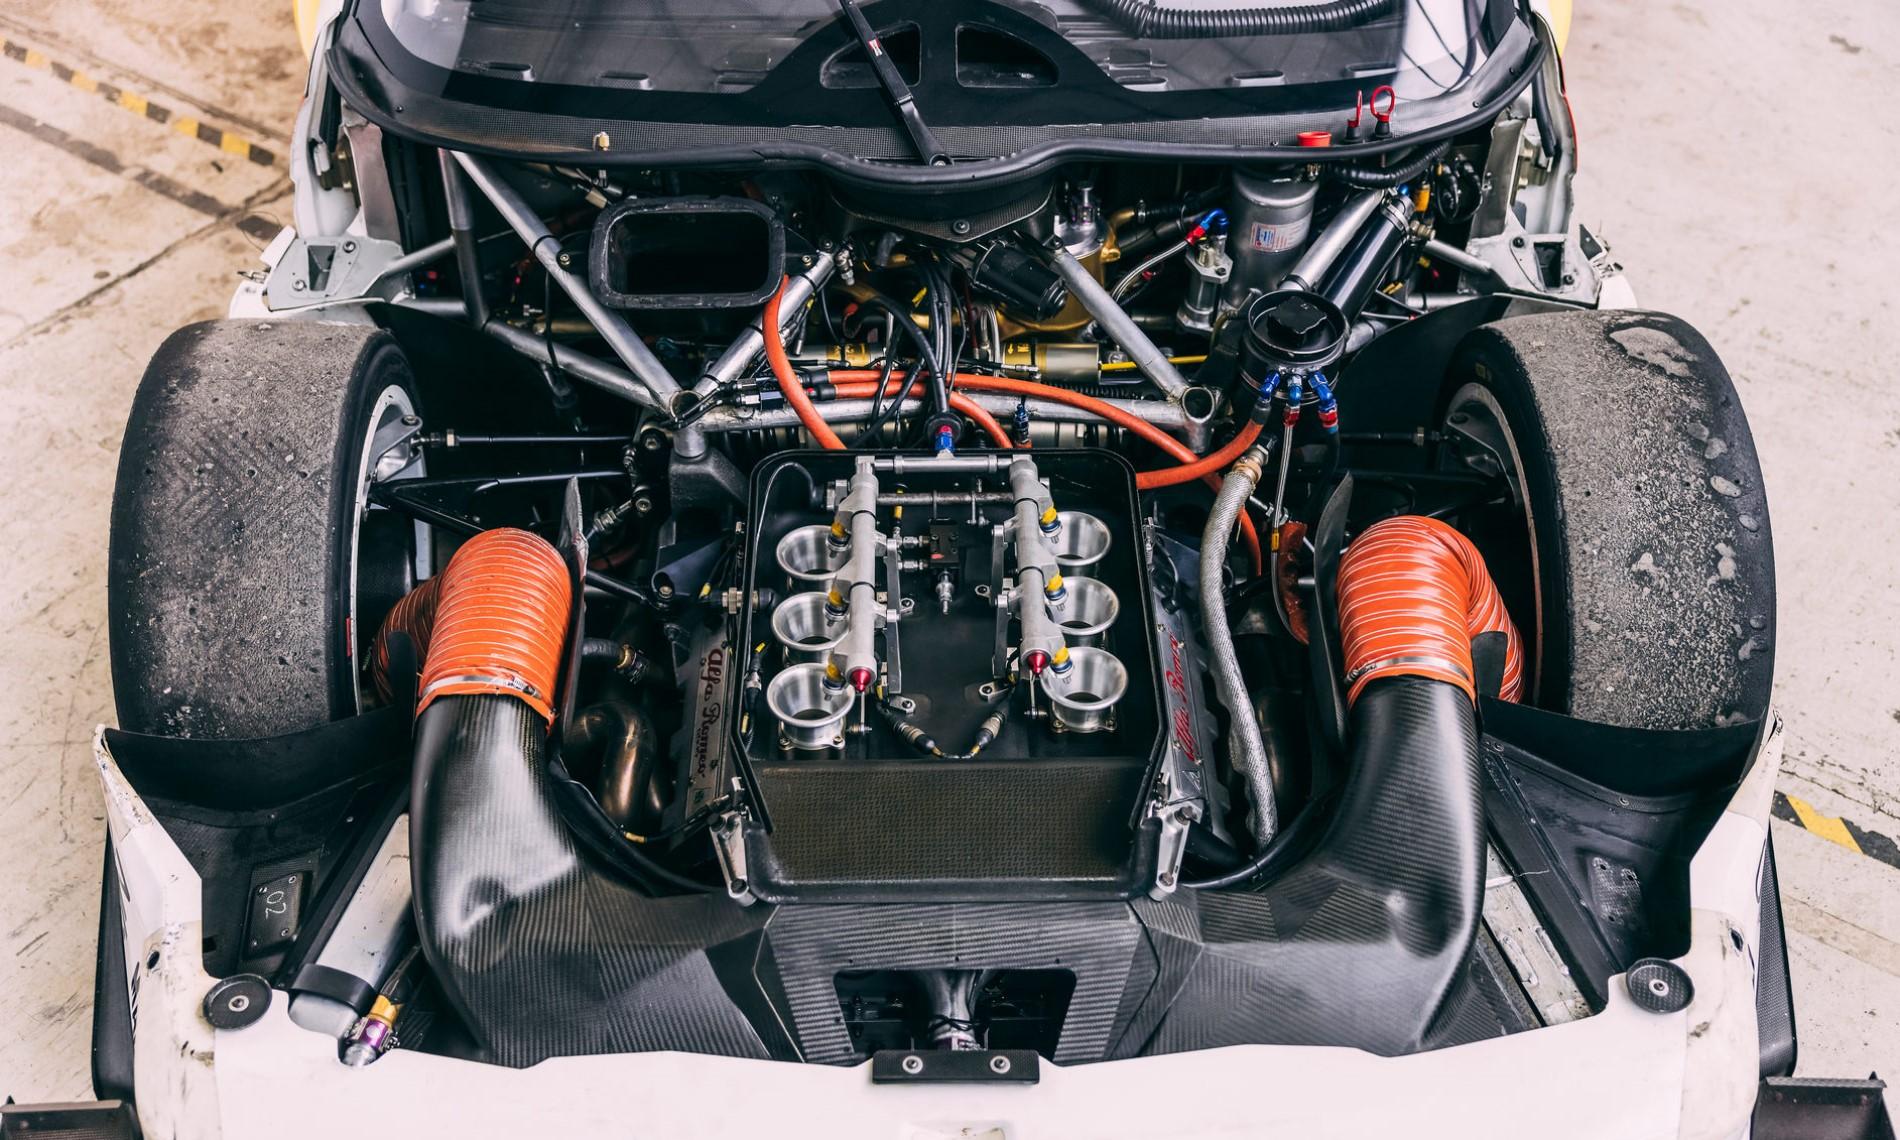 Alfa Romeo 155 V6 Ti engine